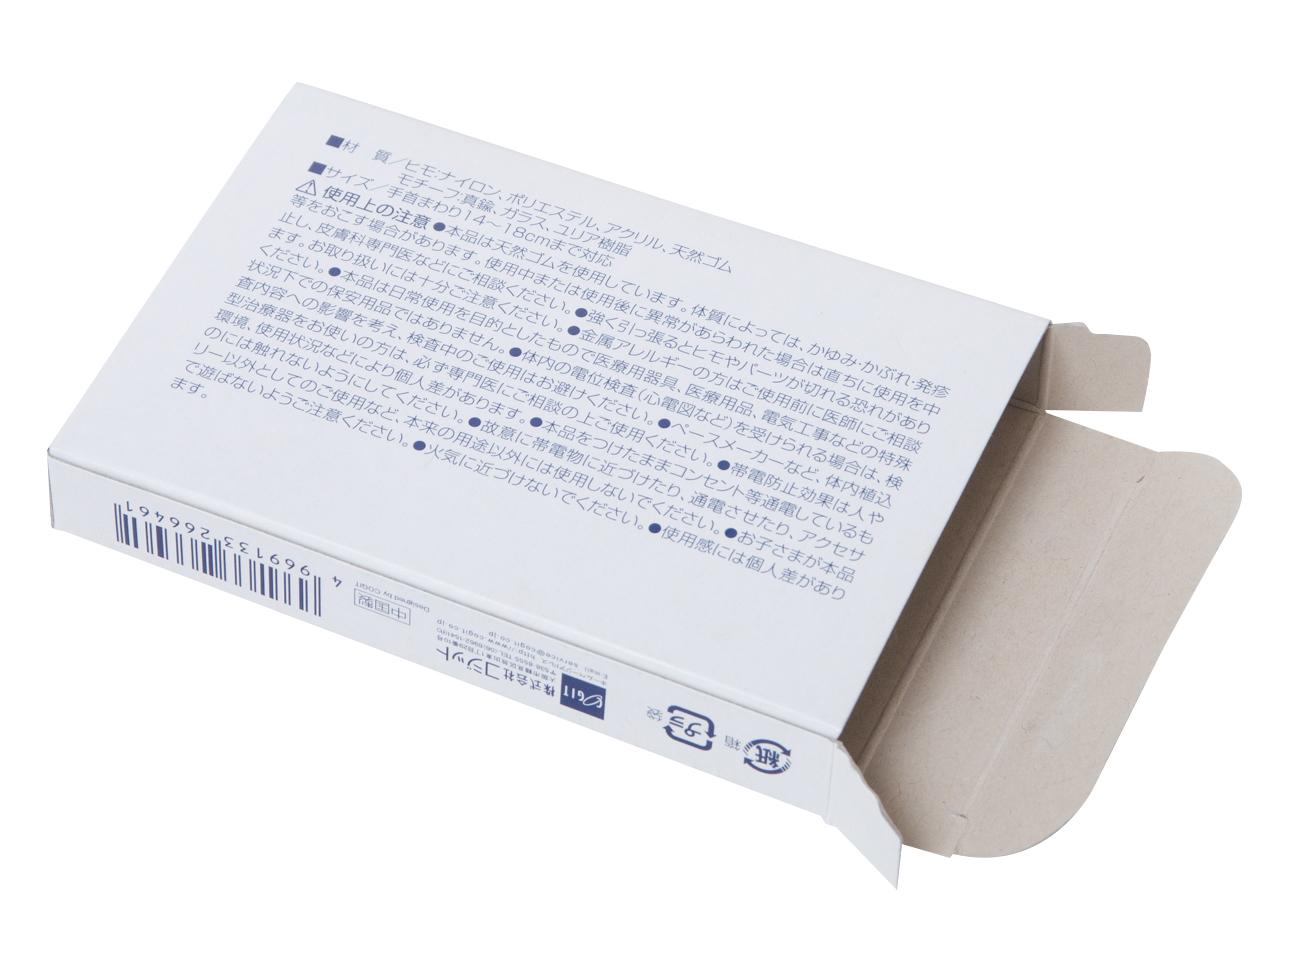 とにかくコンパクトでシンプルな箱がほしい!